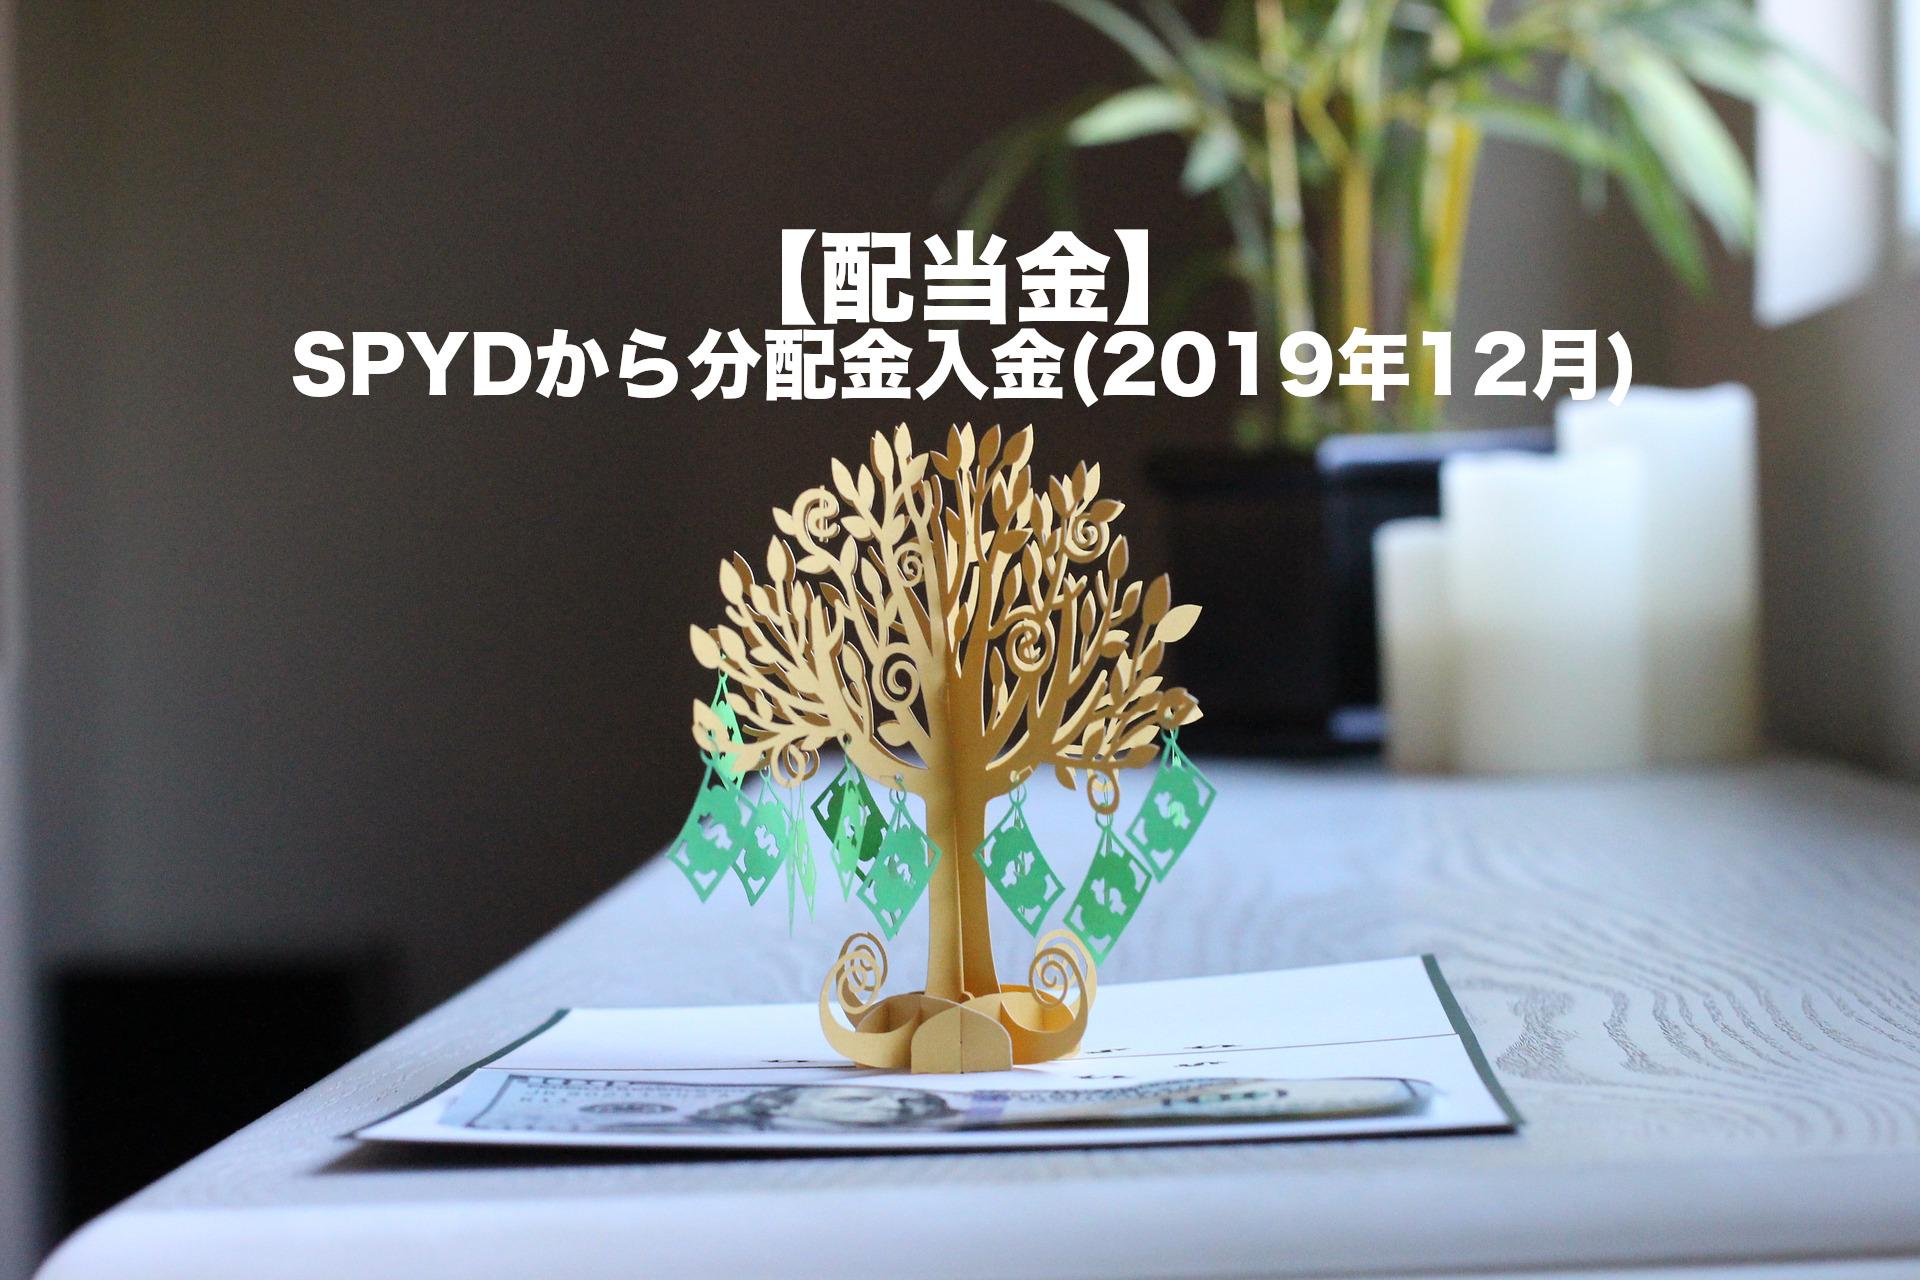 【配当金】SPYDから分配金入金(2019年12月)